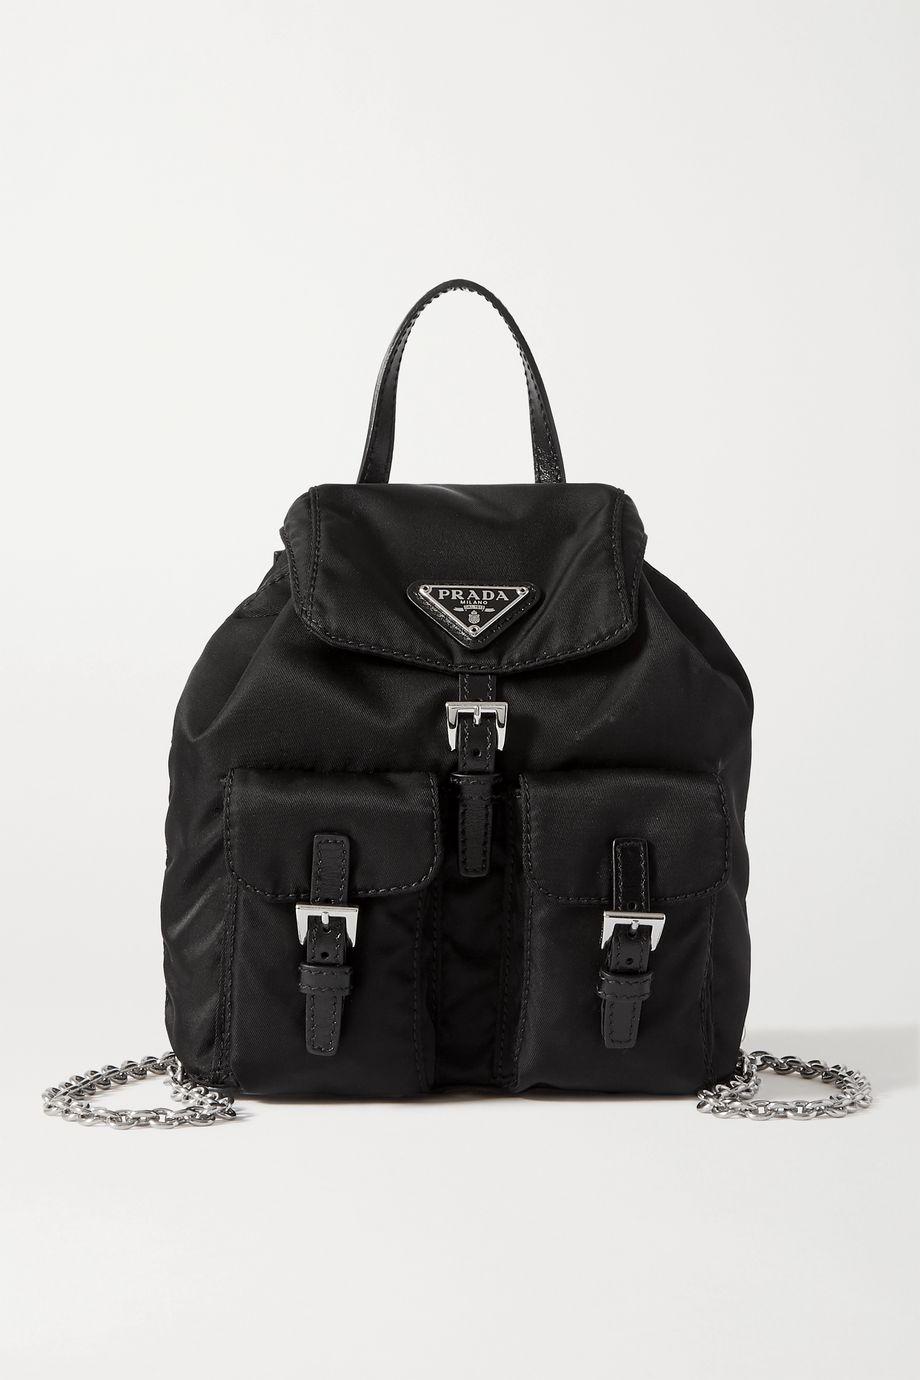 Prada Vela leather-trimmed nylon backpack